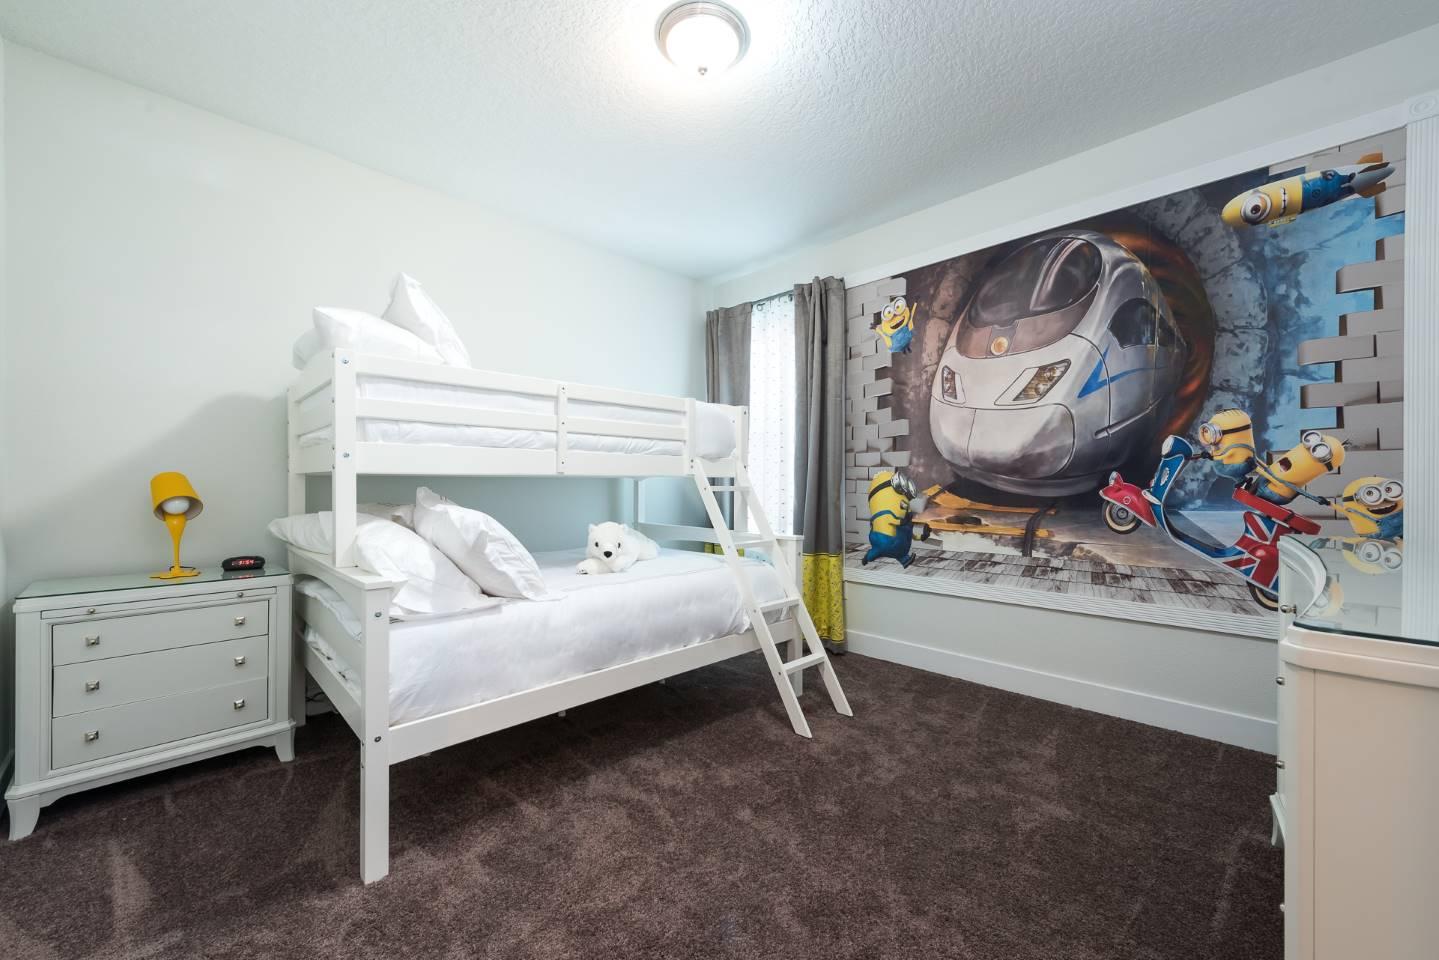 [amenities:kids-bedrooms:2] Kids Bedrooms